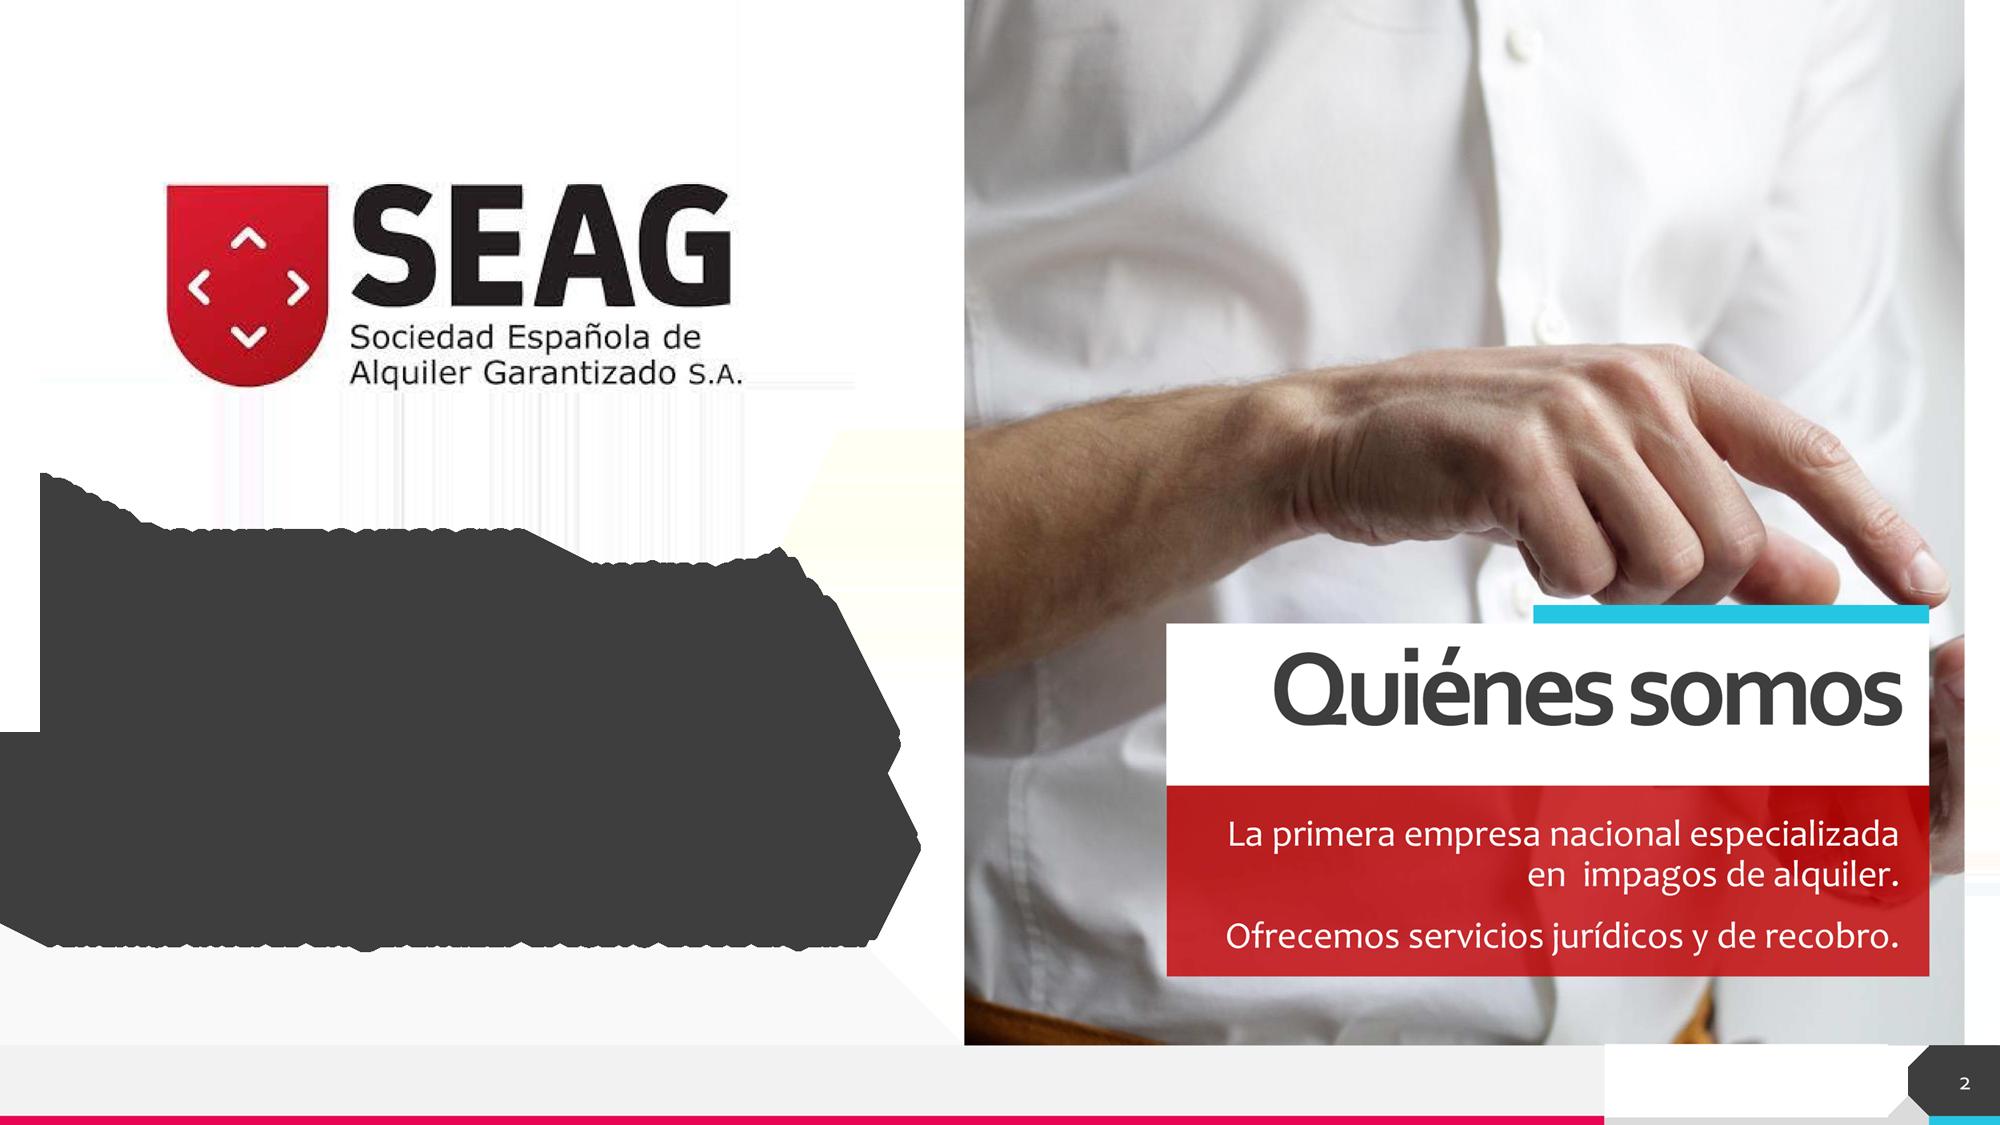 Inmobiliaria Mies - Seag - Alquiler garantizado (3)